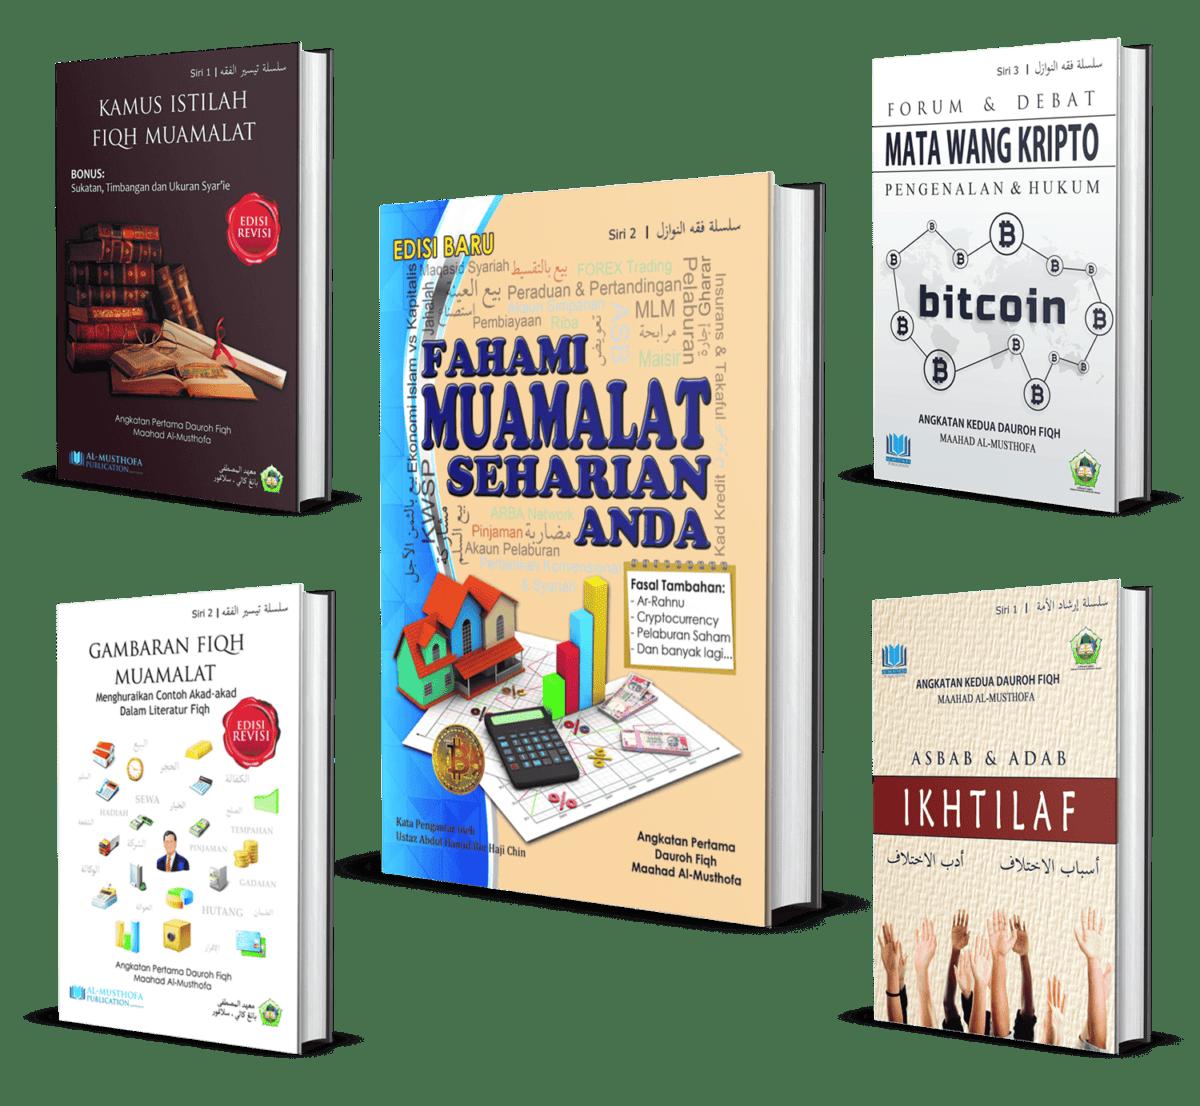 [COMBO] FAMSA & Kamus Fiqh & Gambaran Fiqh & Matawang Kripto & Adab Ikhtilaf